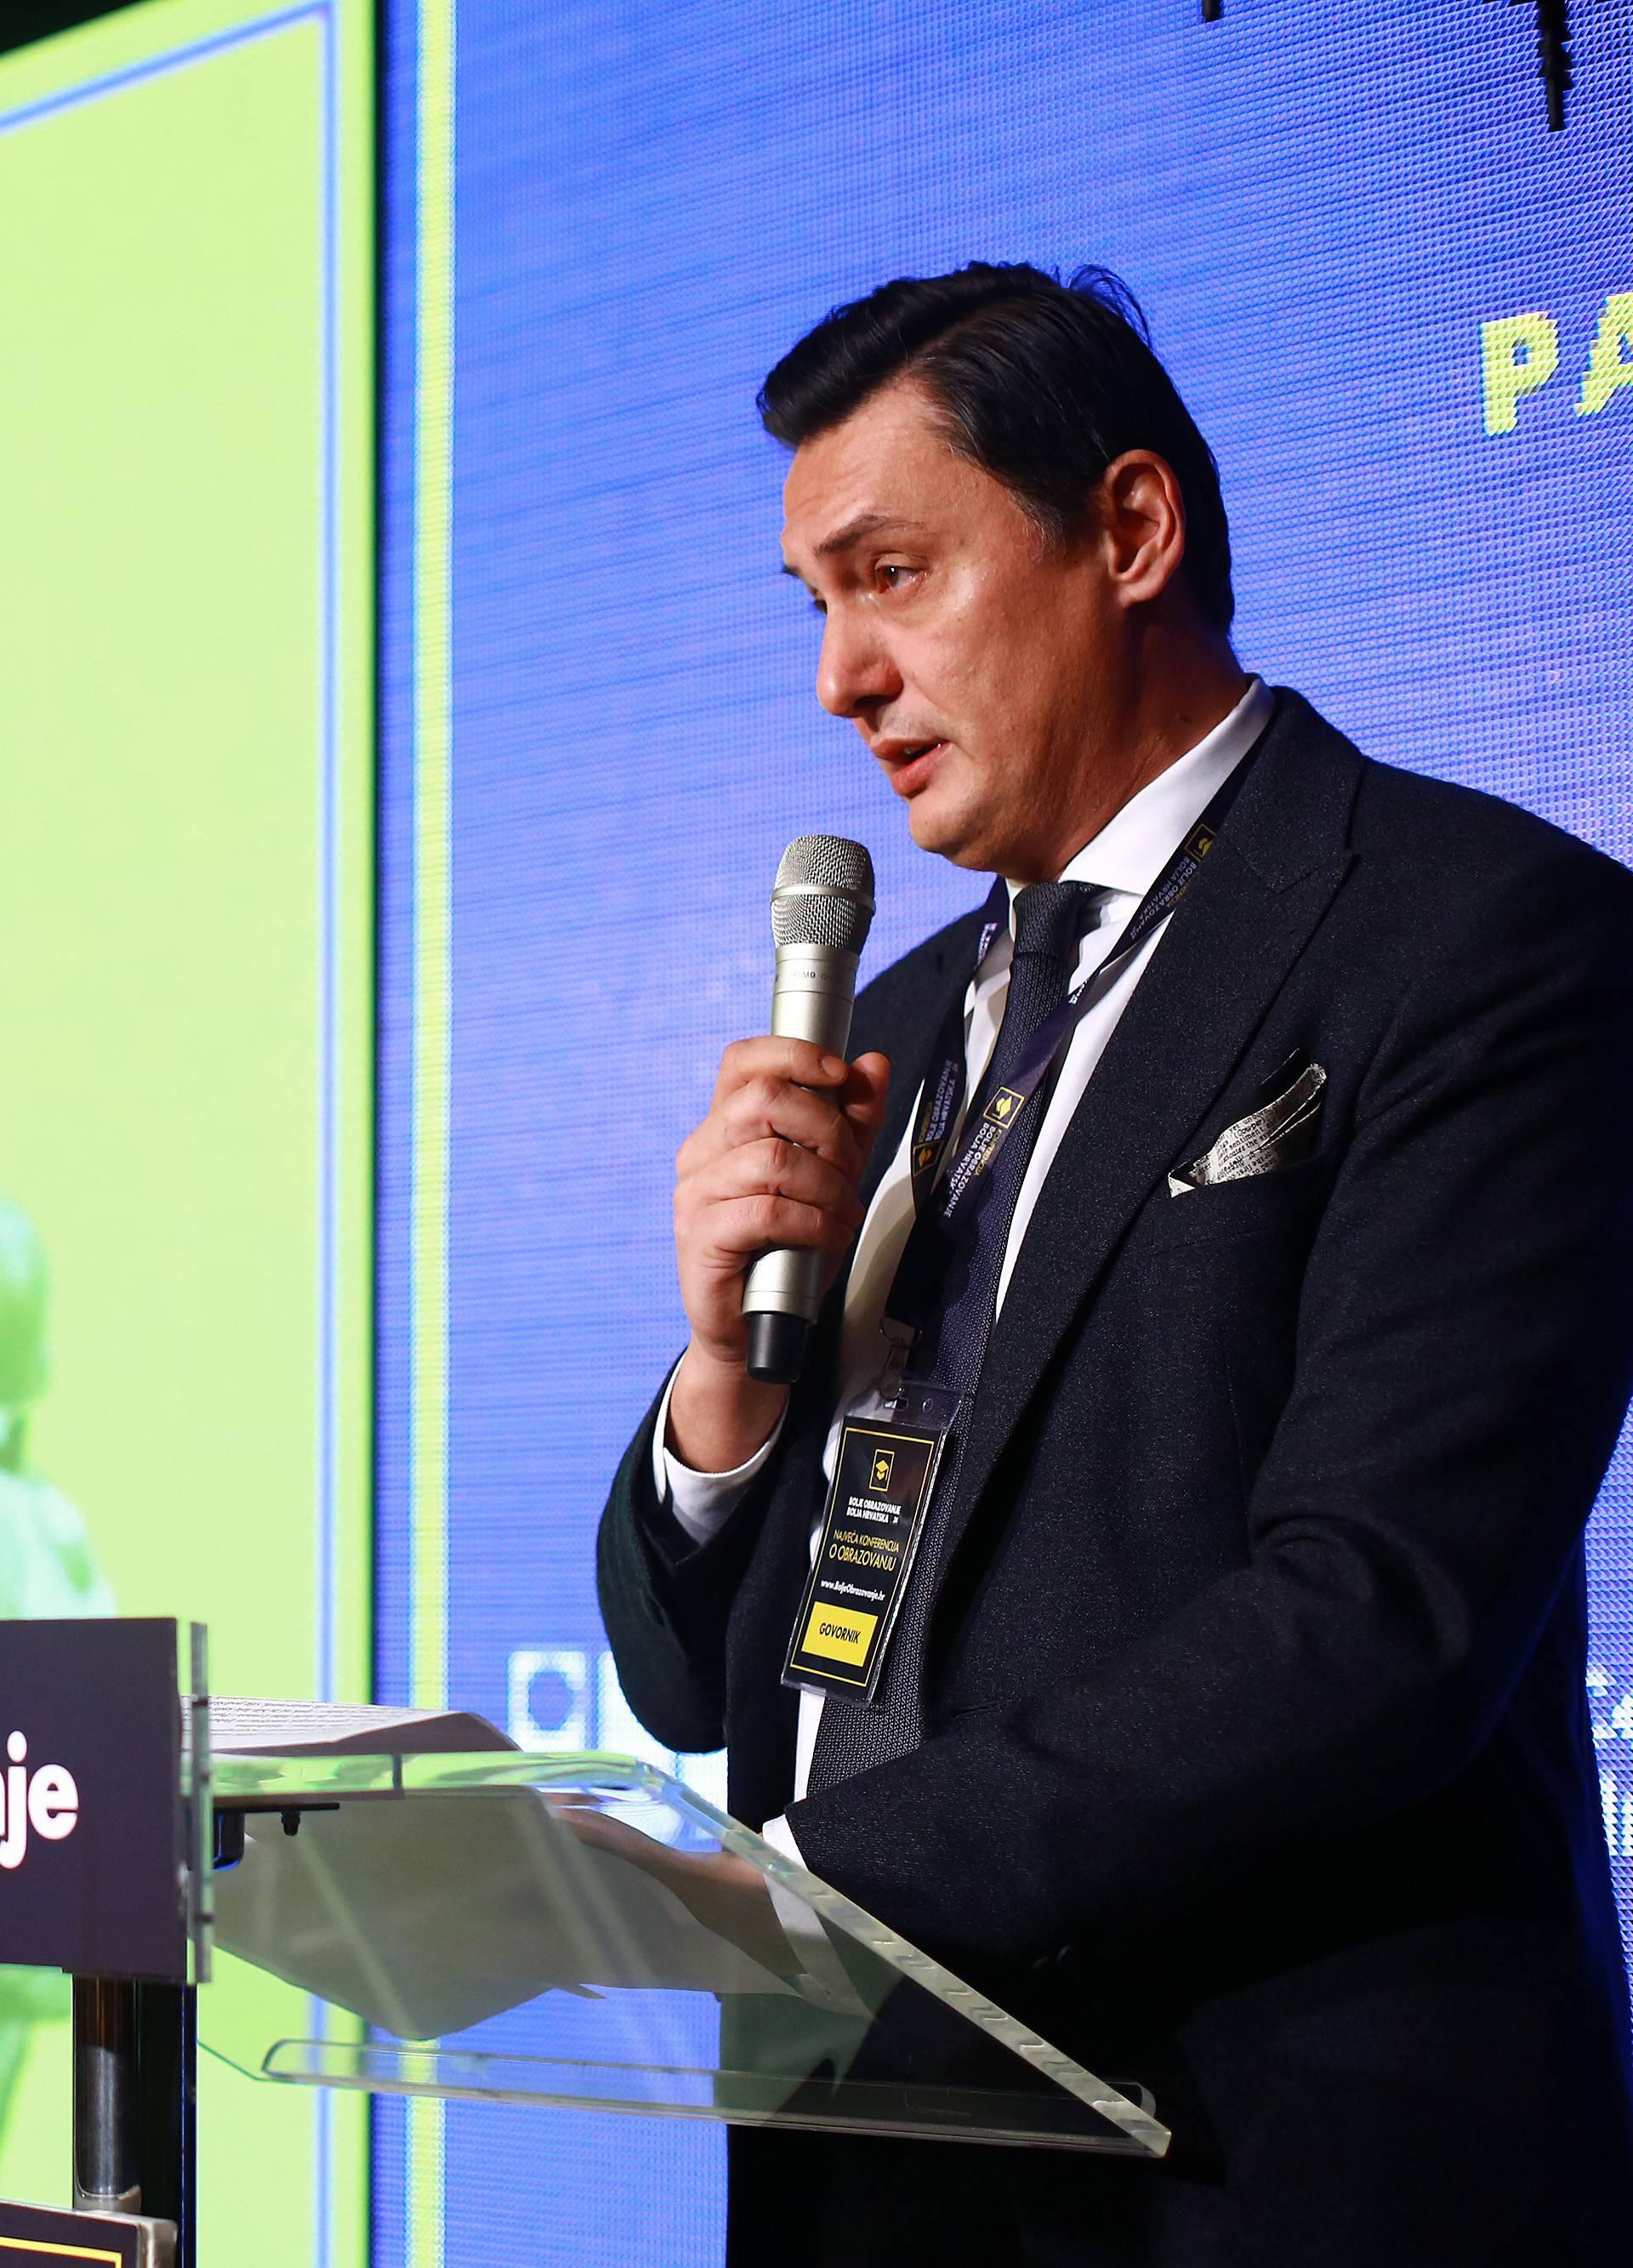 Goran Gavranović: Inovacije zahtijevaju ulaganje u ljude